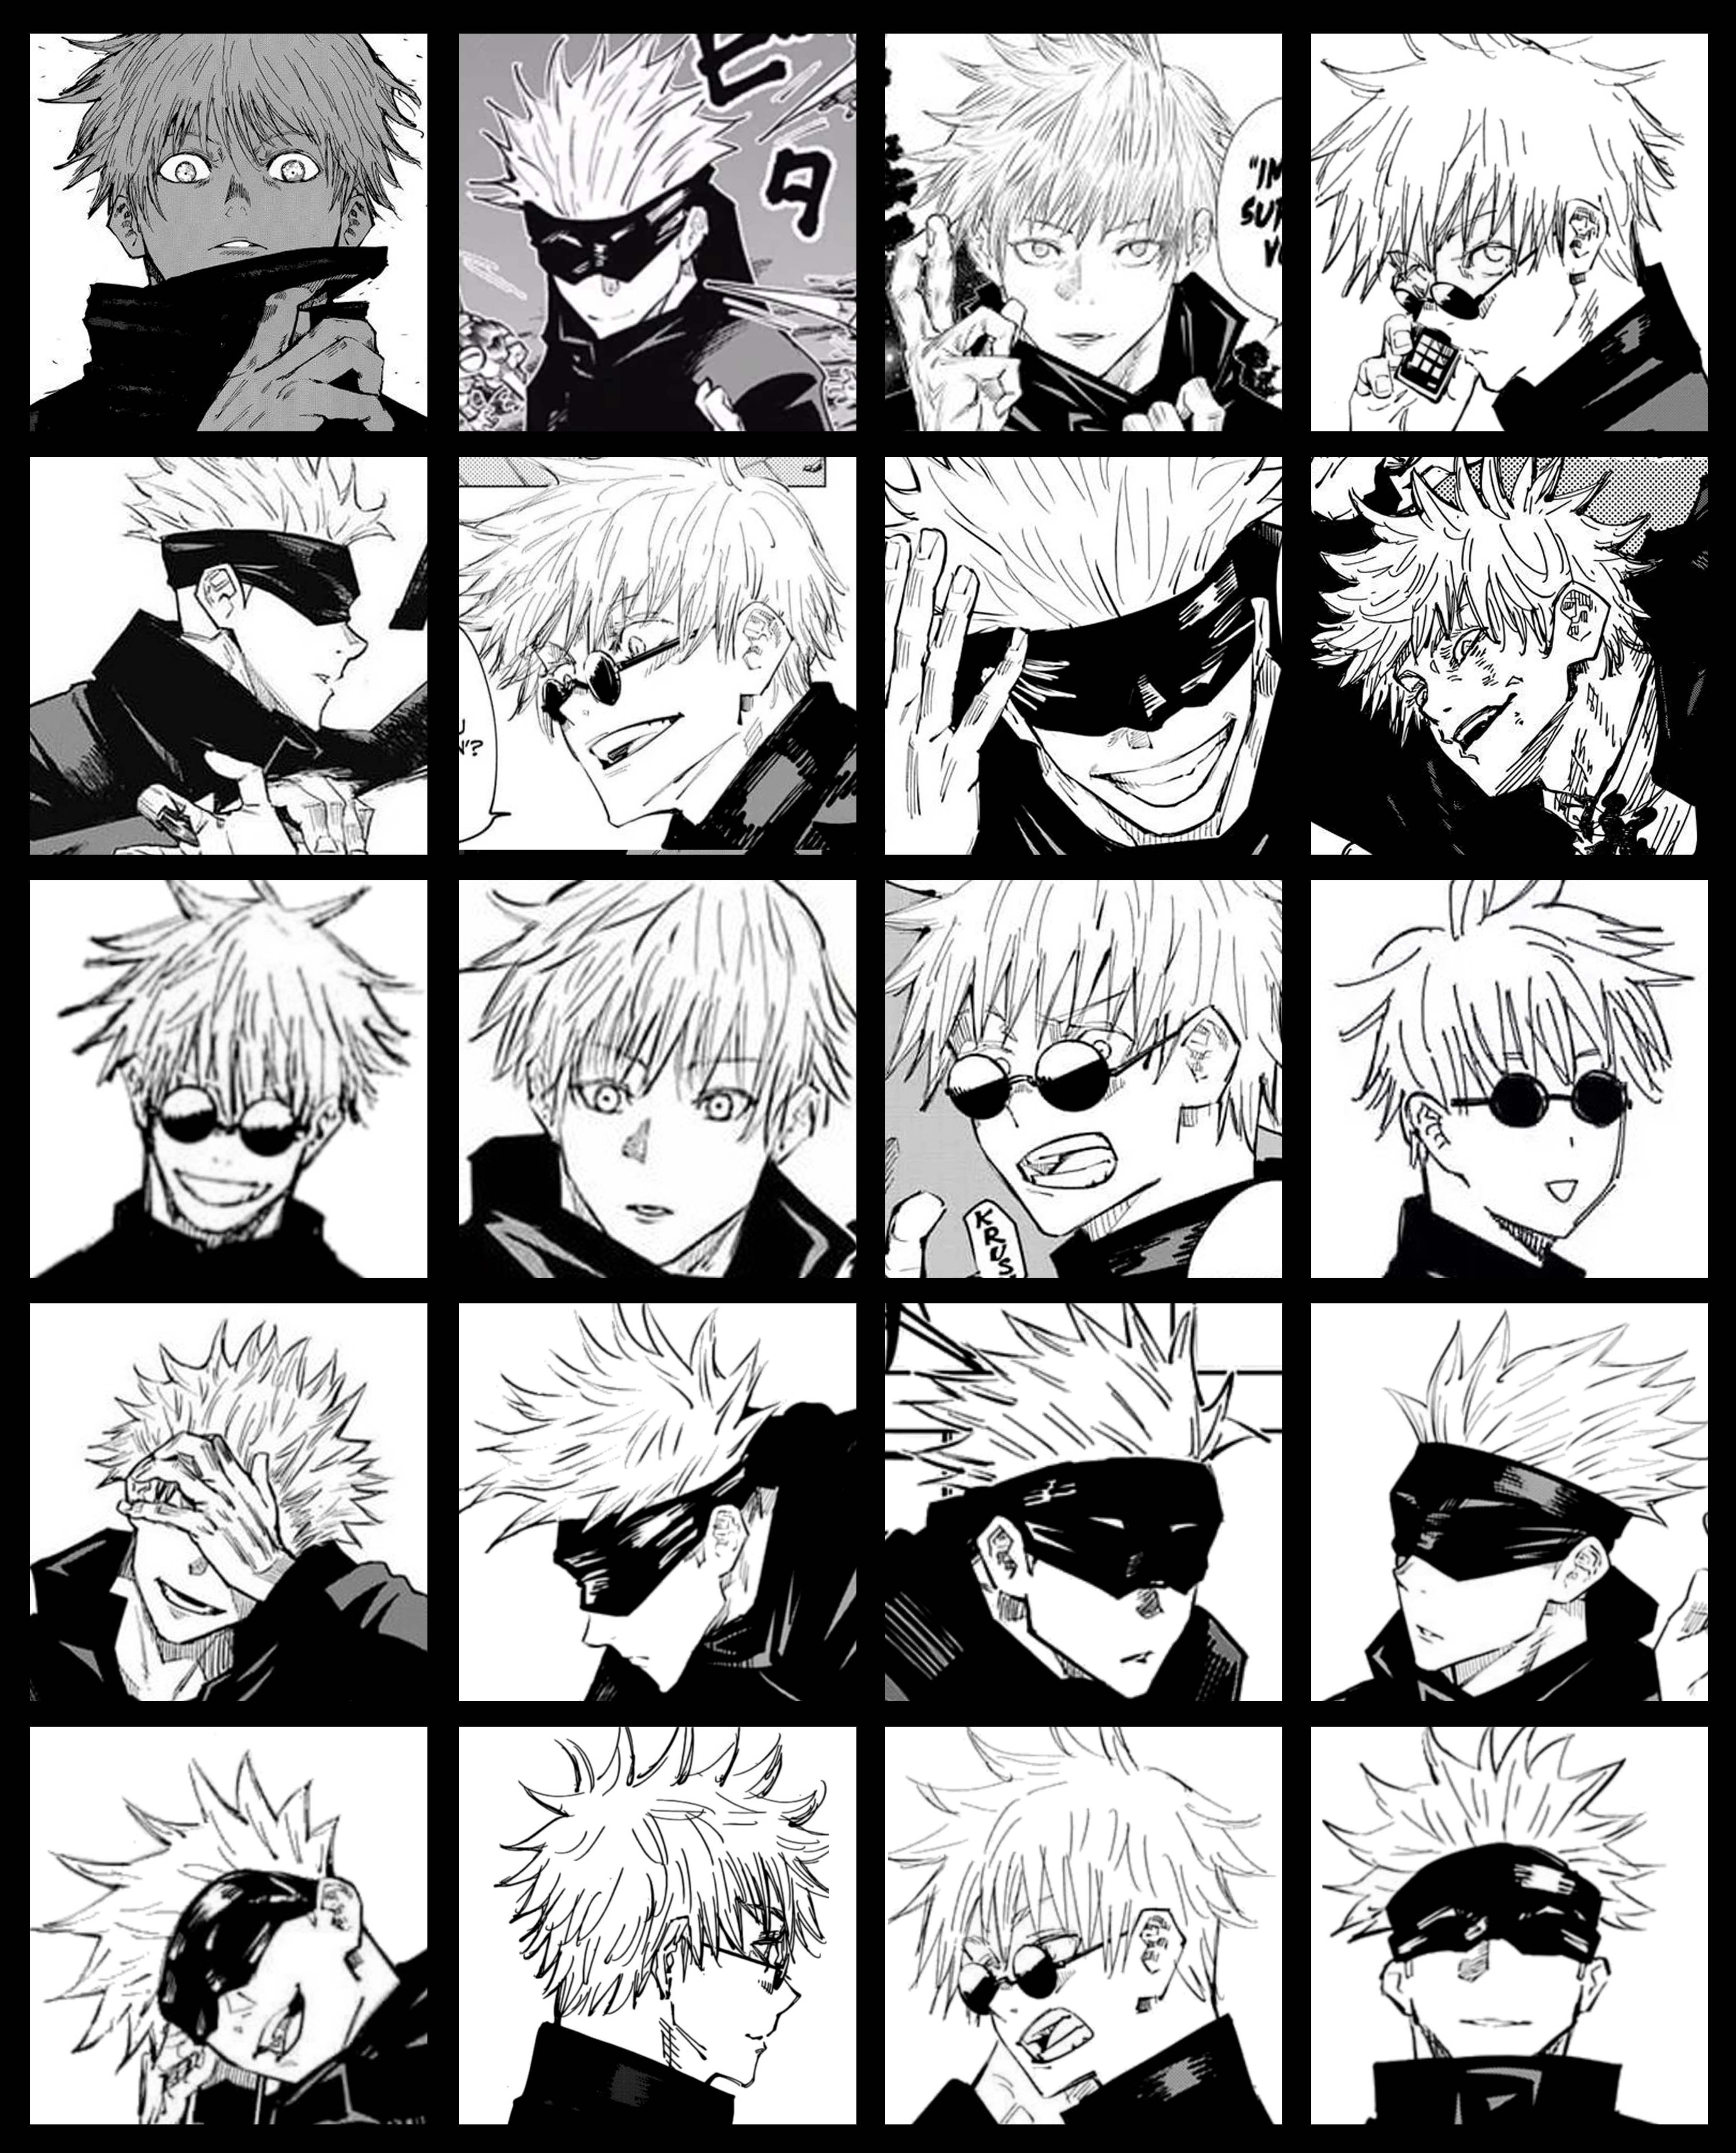 Satoru Gojo Jujutsu Kaisen Collage Aesthetic Wallpaper Jujutsu Aesthetic Anime Anime Reccomendations